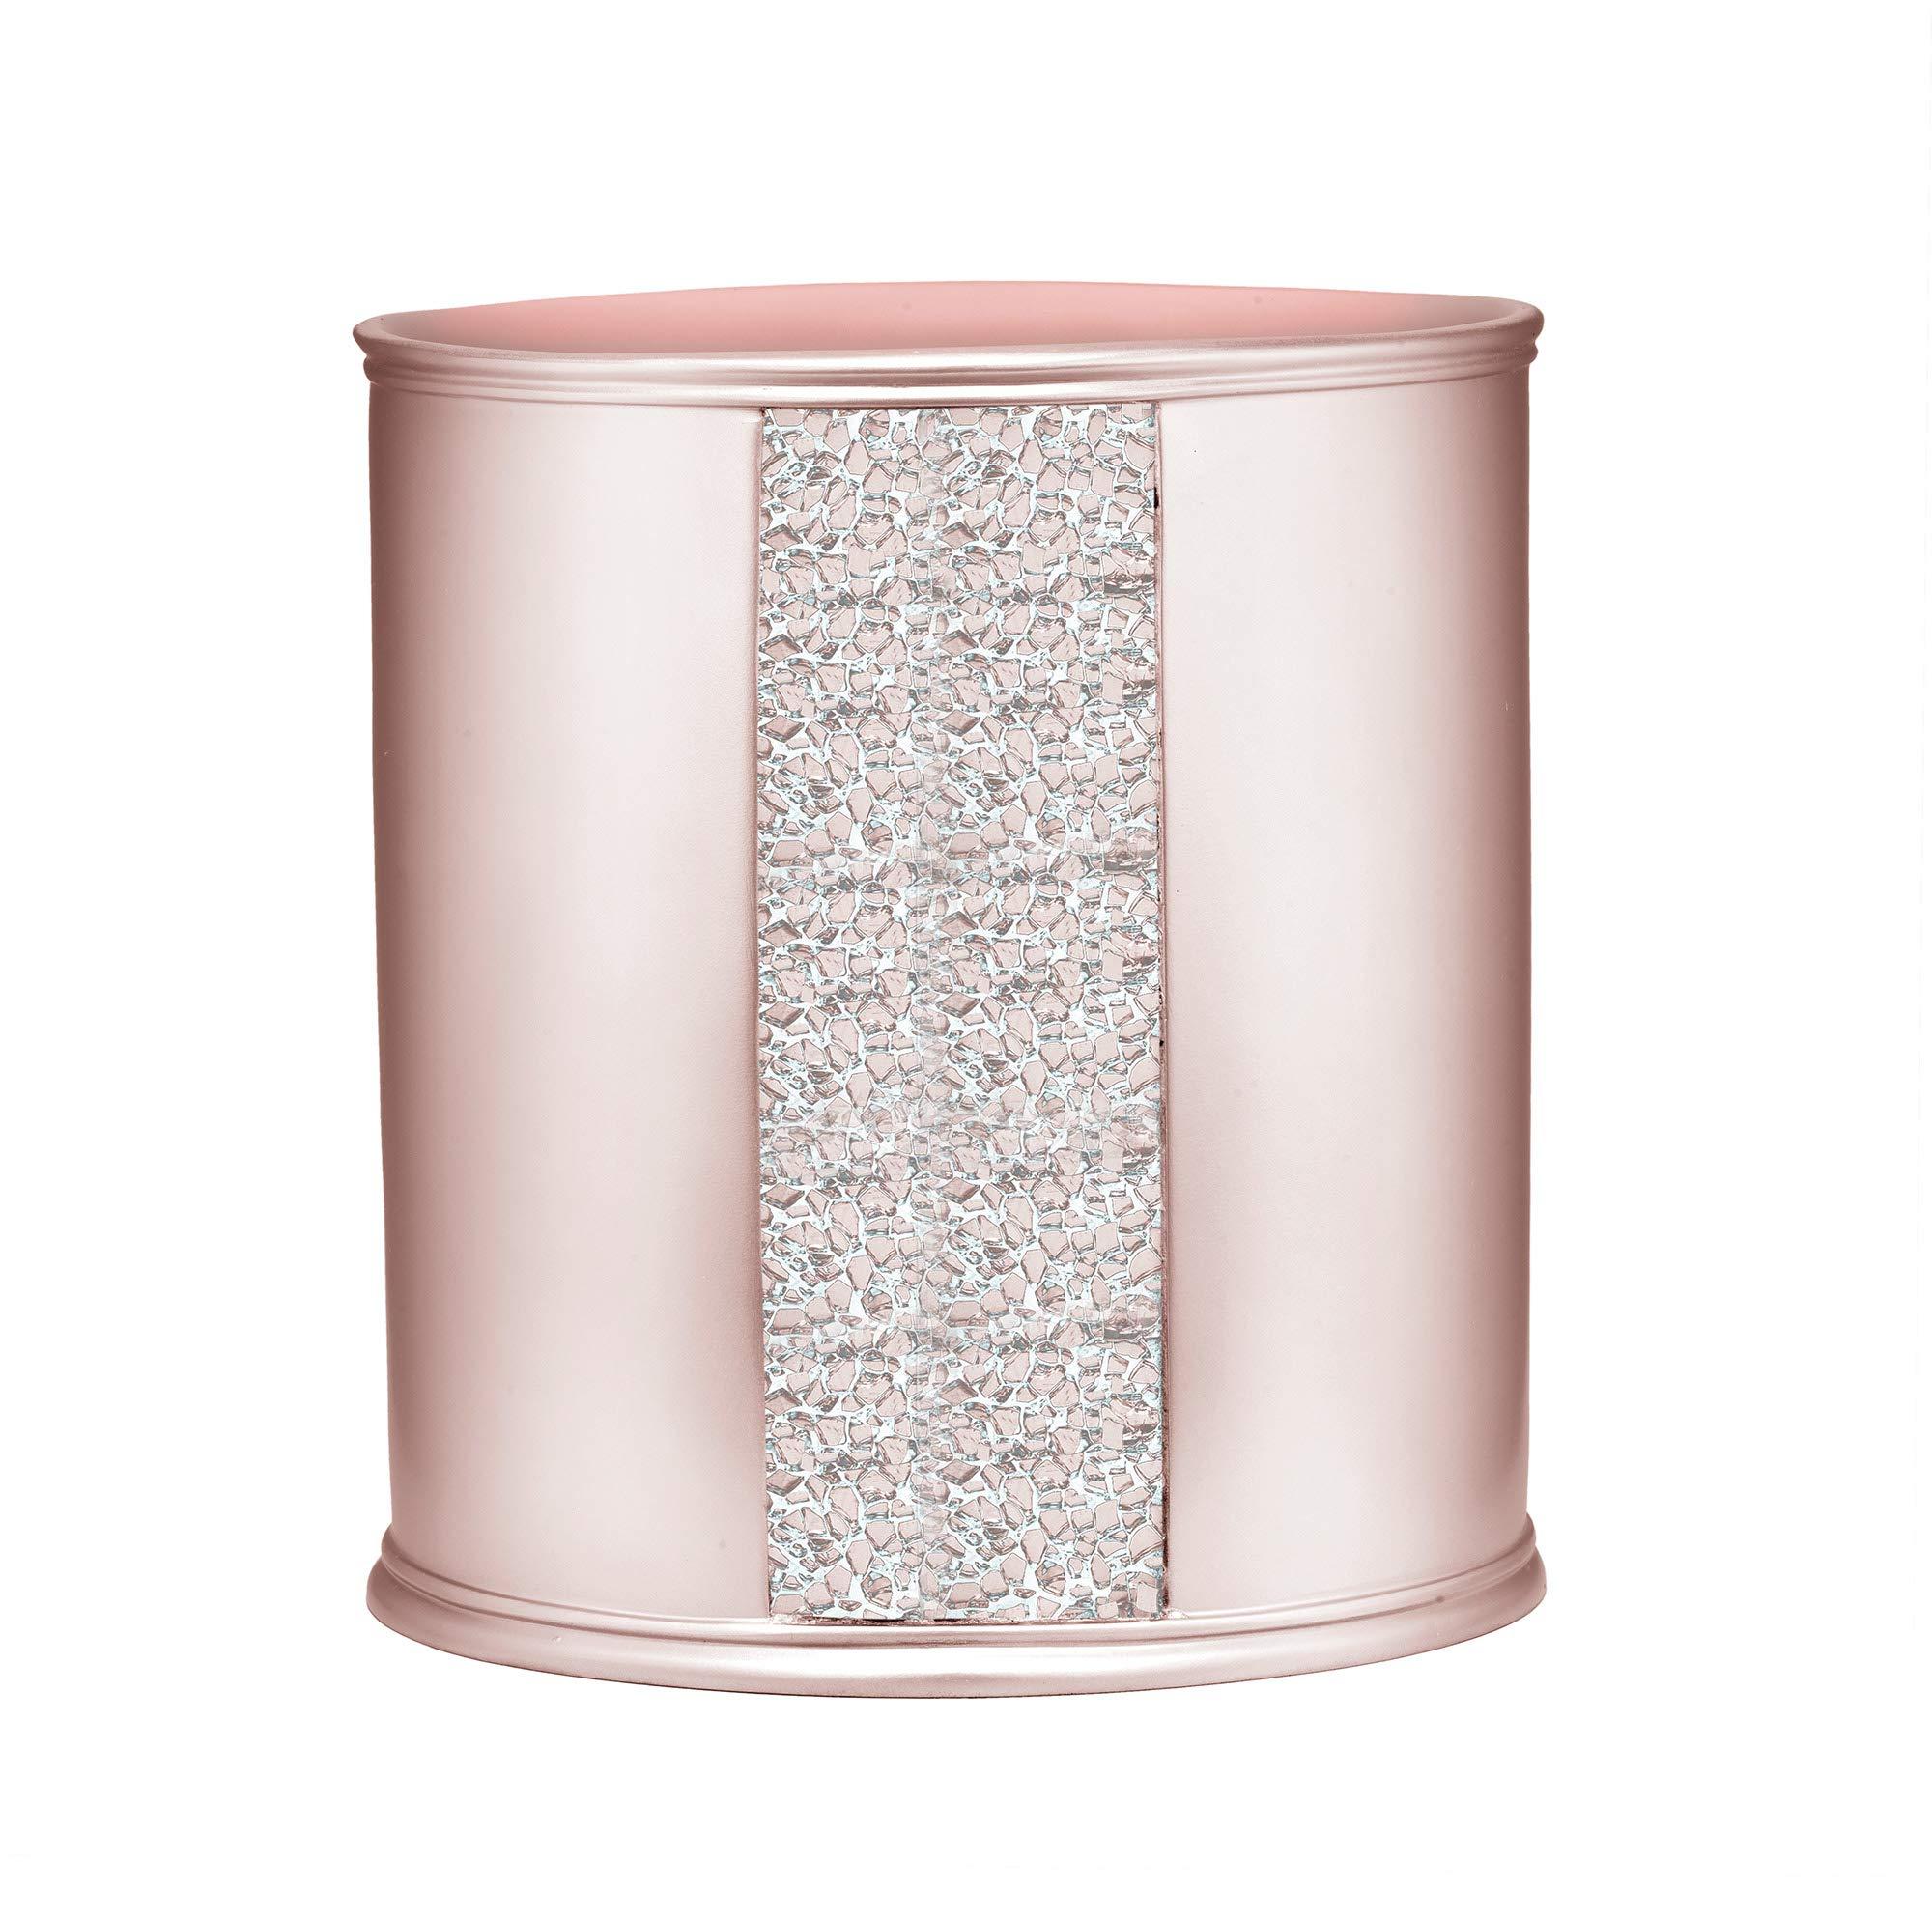 Popular Bath Sinatra Waste Basket, Blush